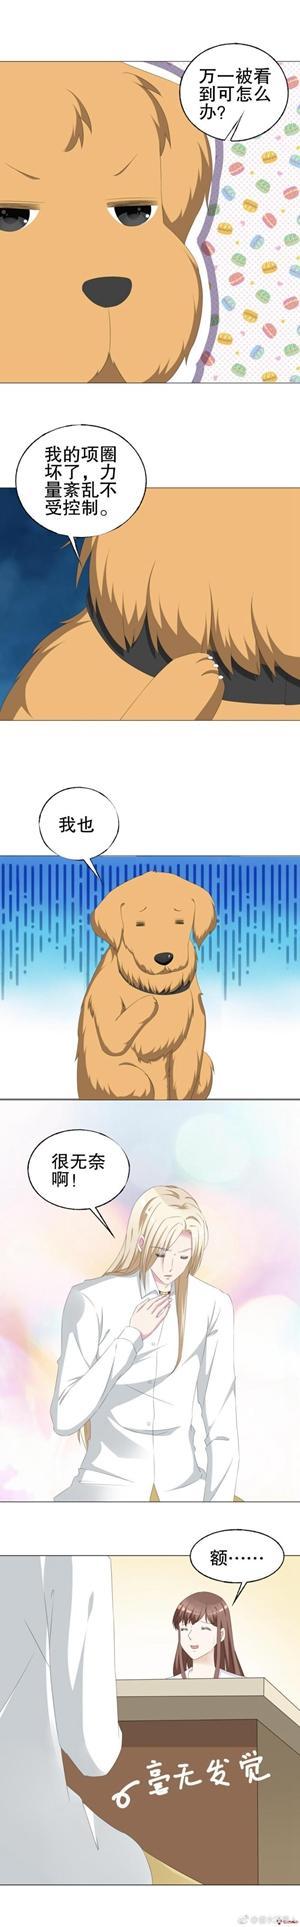 攻略帖:七夕节,如何拥有一个属于自己的犬系男友?